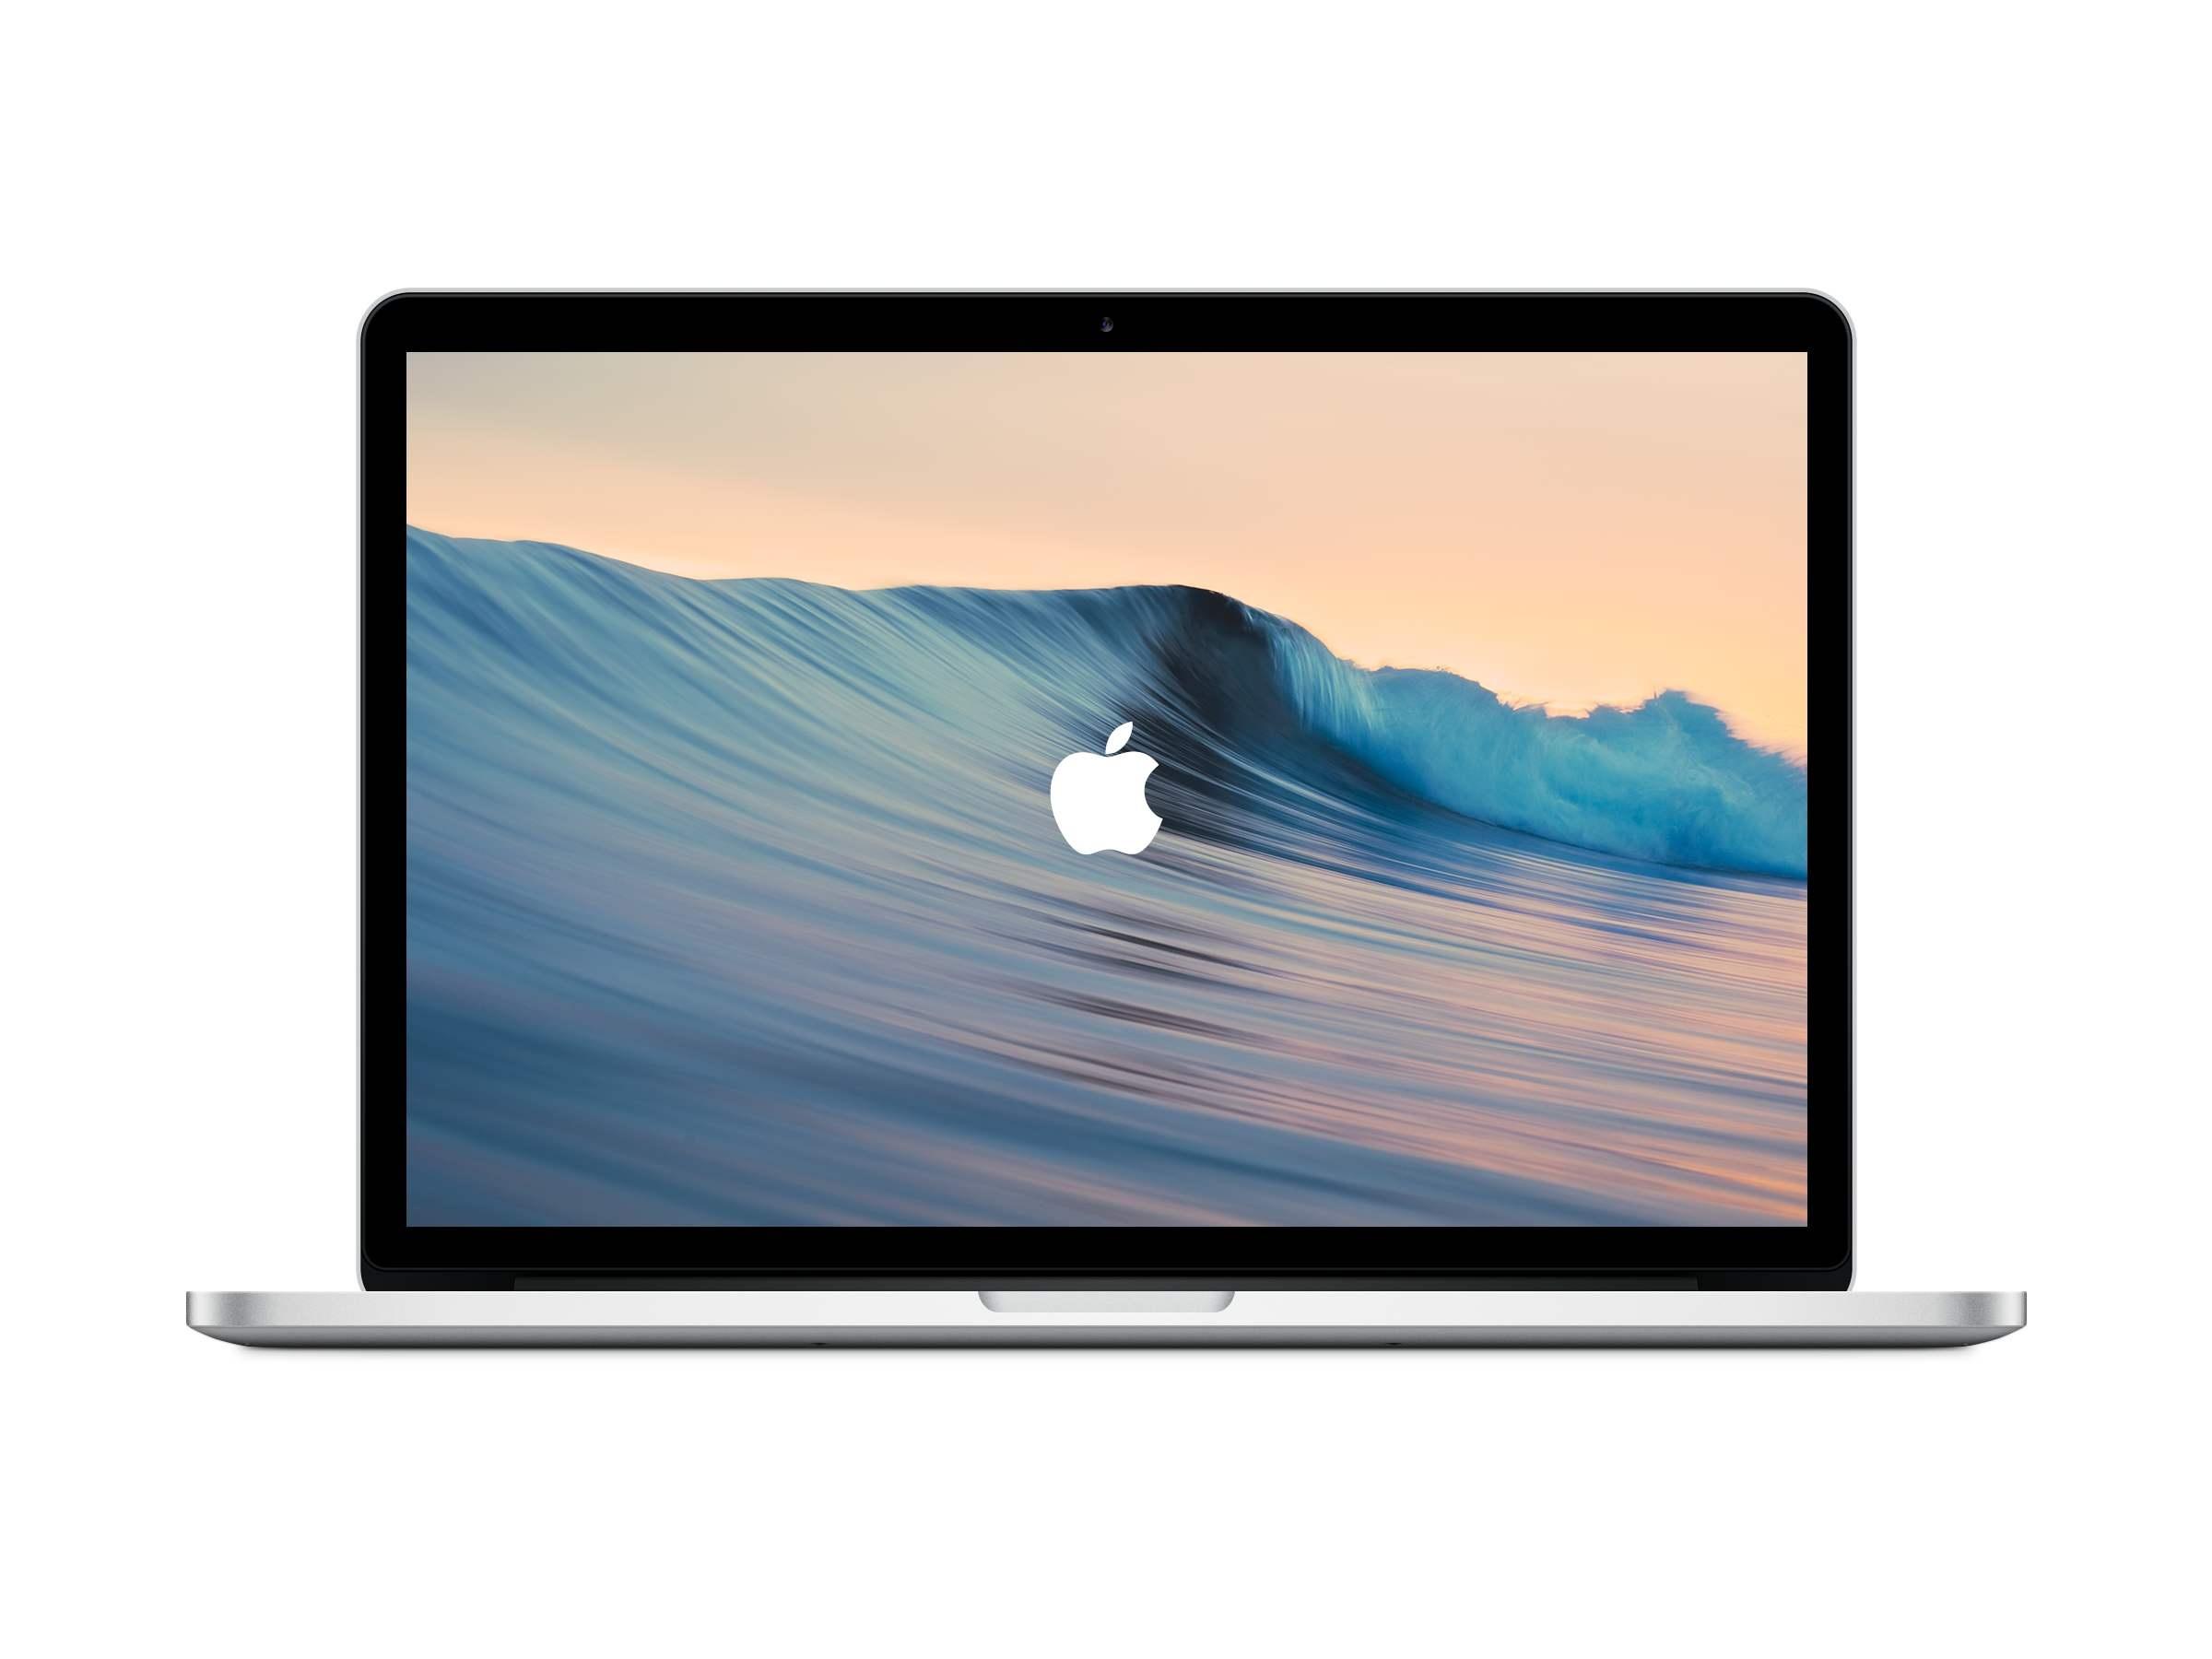 解决苹果系统如何用网络恢复-七界传说丨关注分享网络、硬件、维护、游戏、主题、虚拟化、软件分享!